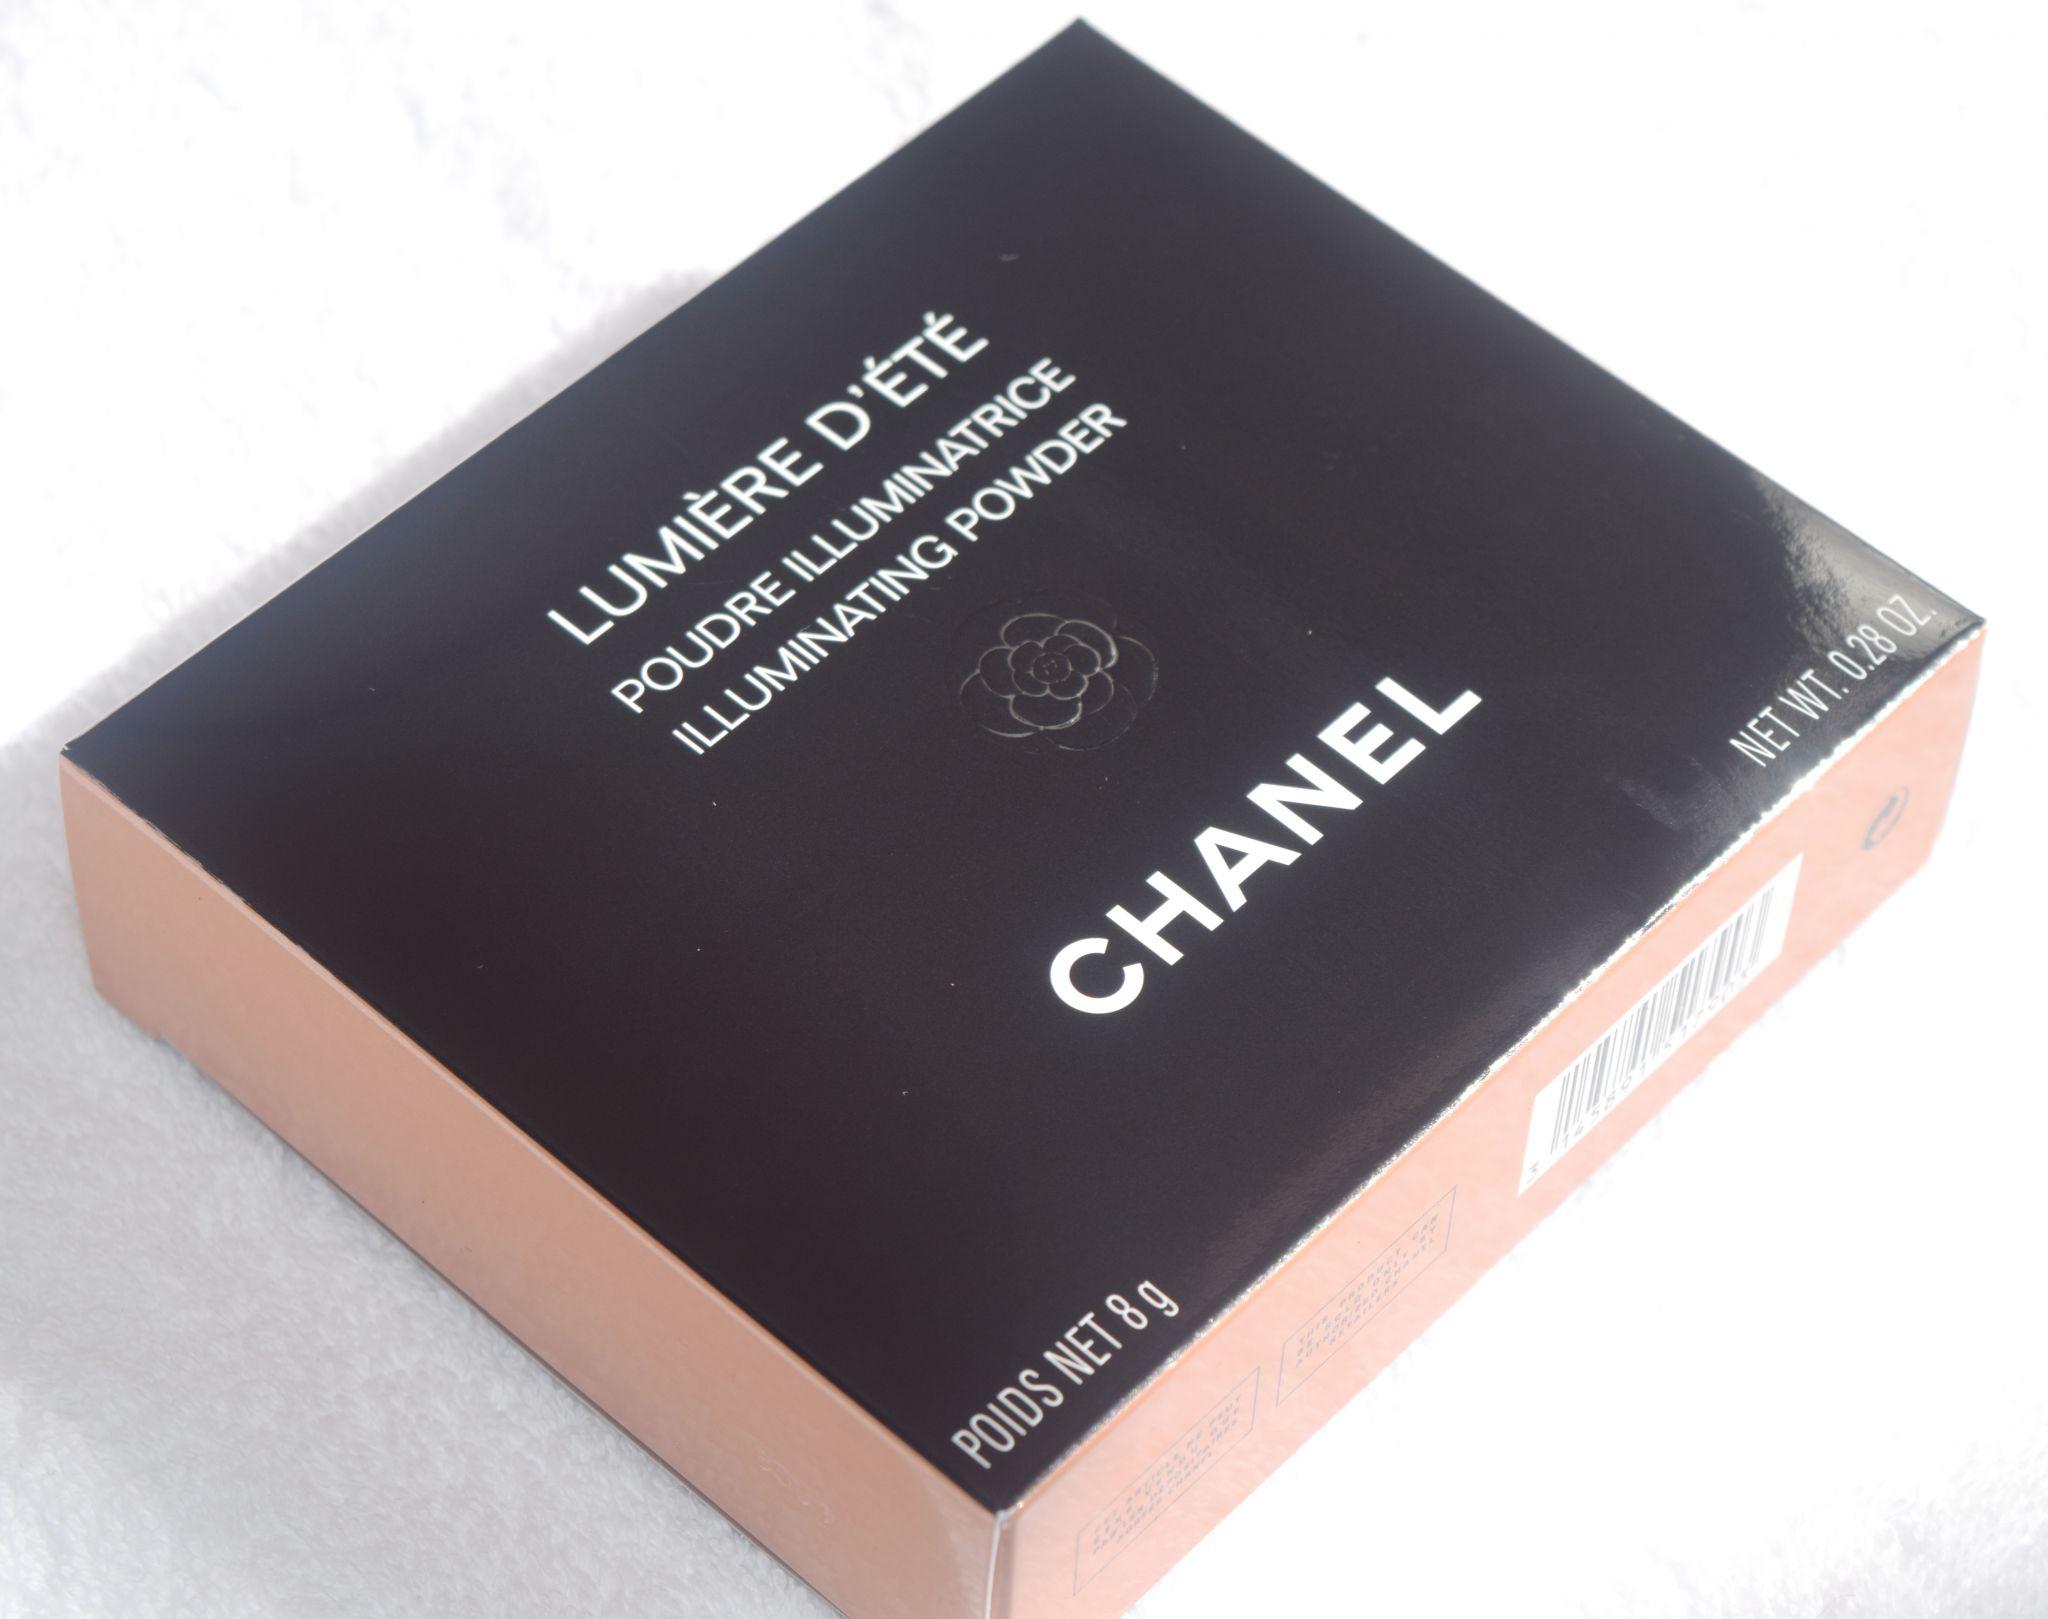 Chanel Lumière d'Été Bronzing Powder - Summer 2015